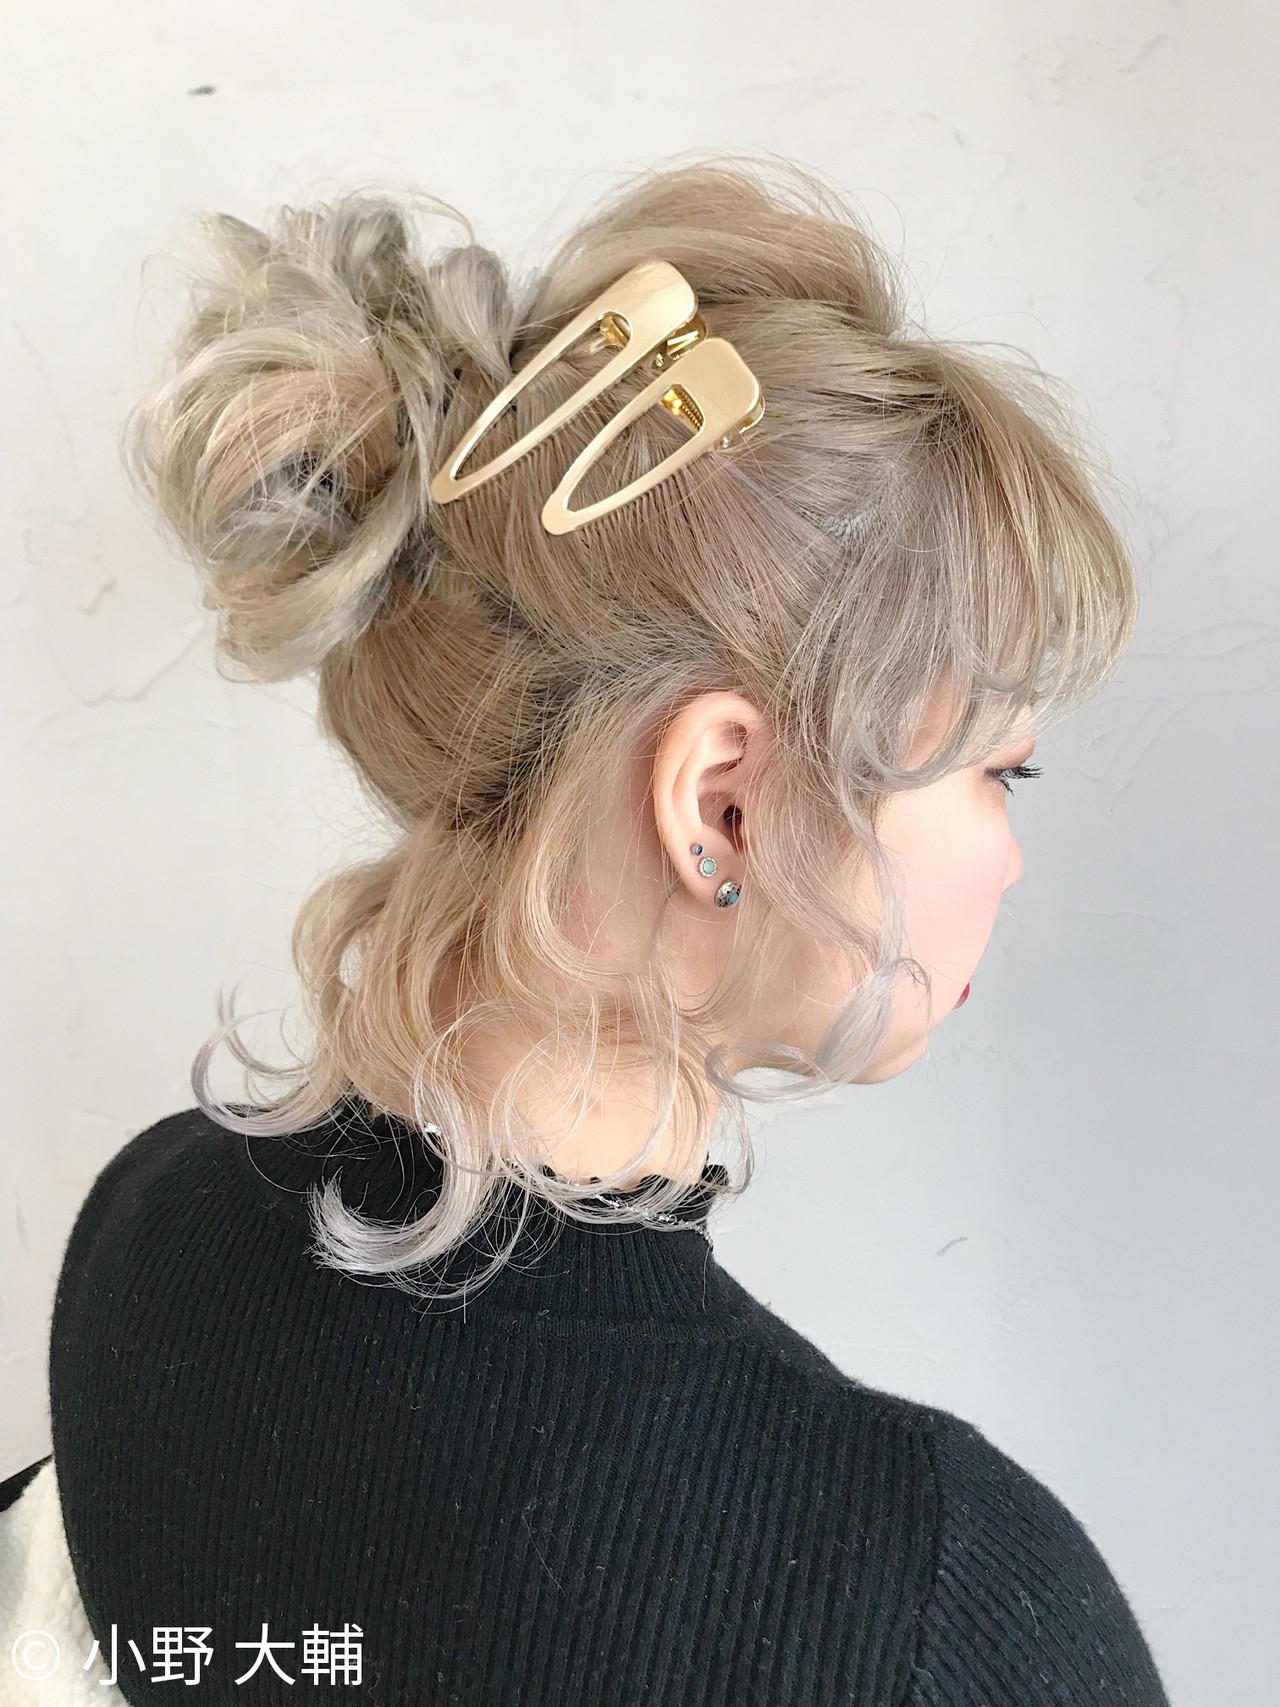 アンニュイほつれヘア お団子ヘア ナチュラル ヘアアレンジ ヘアスタイルや髪型の写真・画像